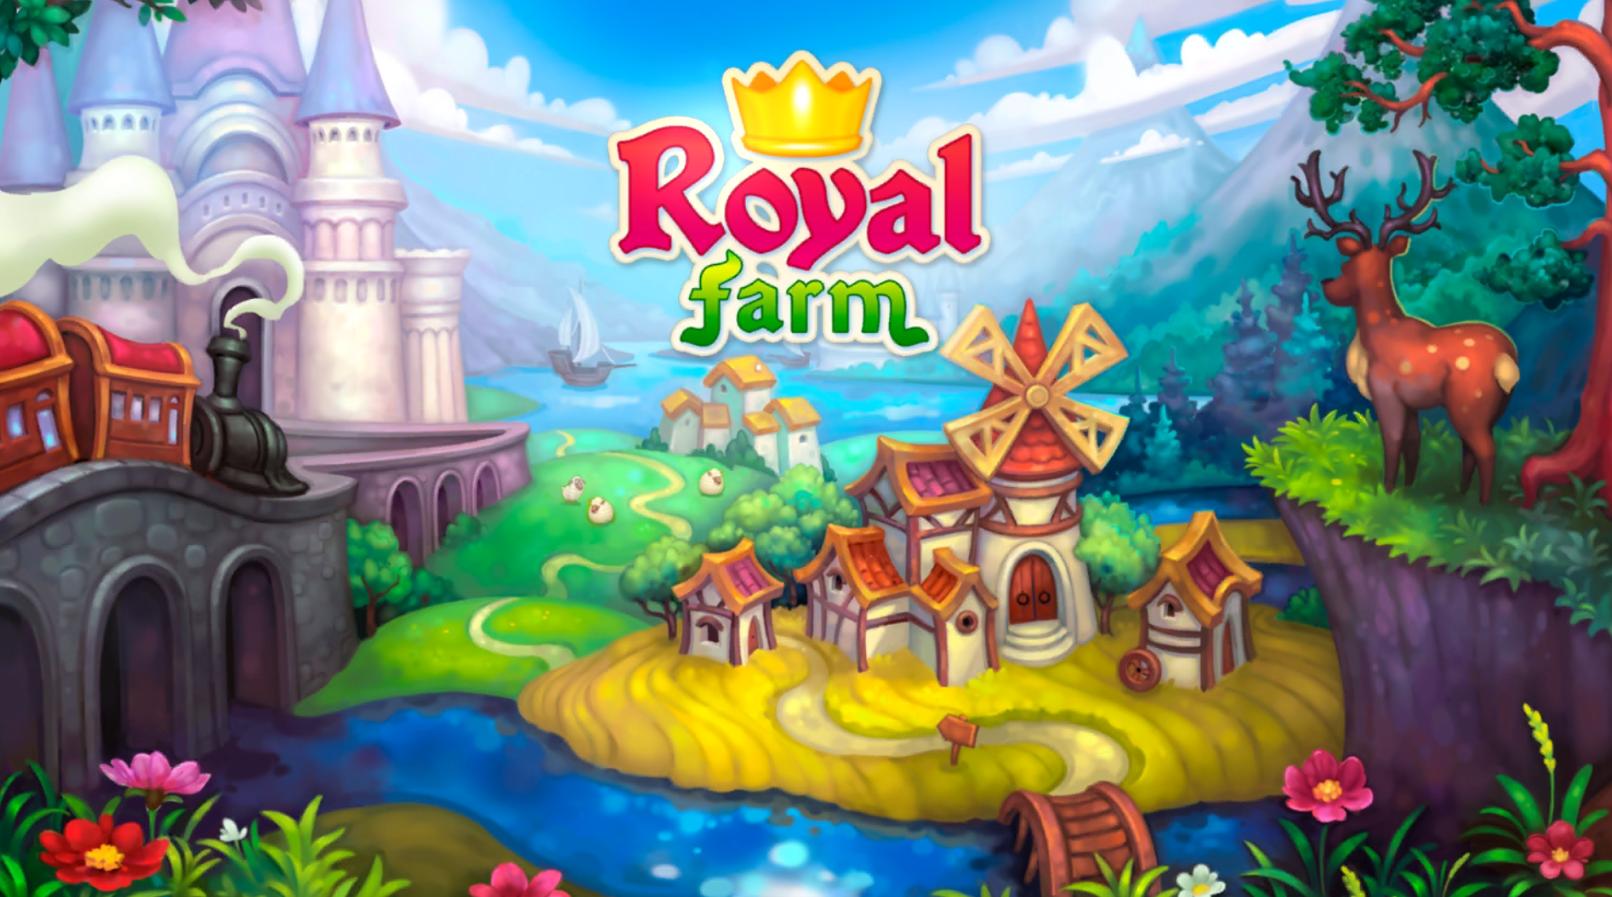 Royal Farm Spiel Logo